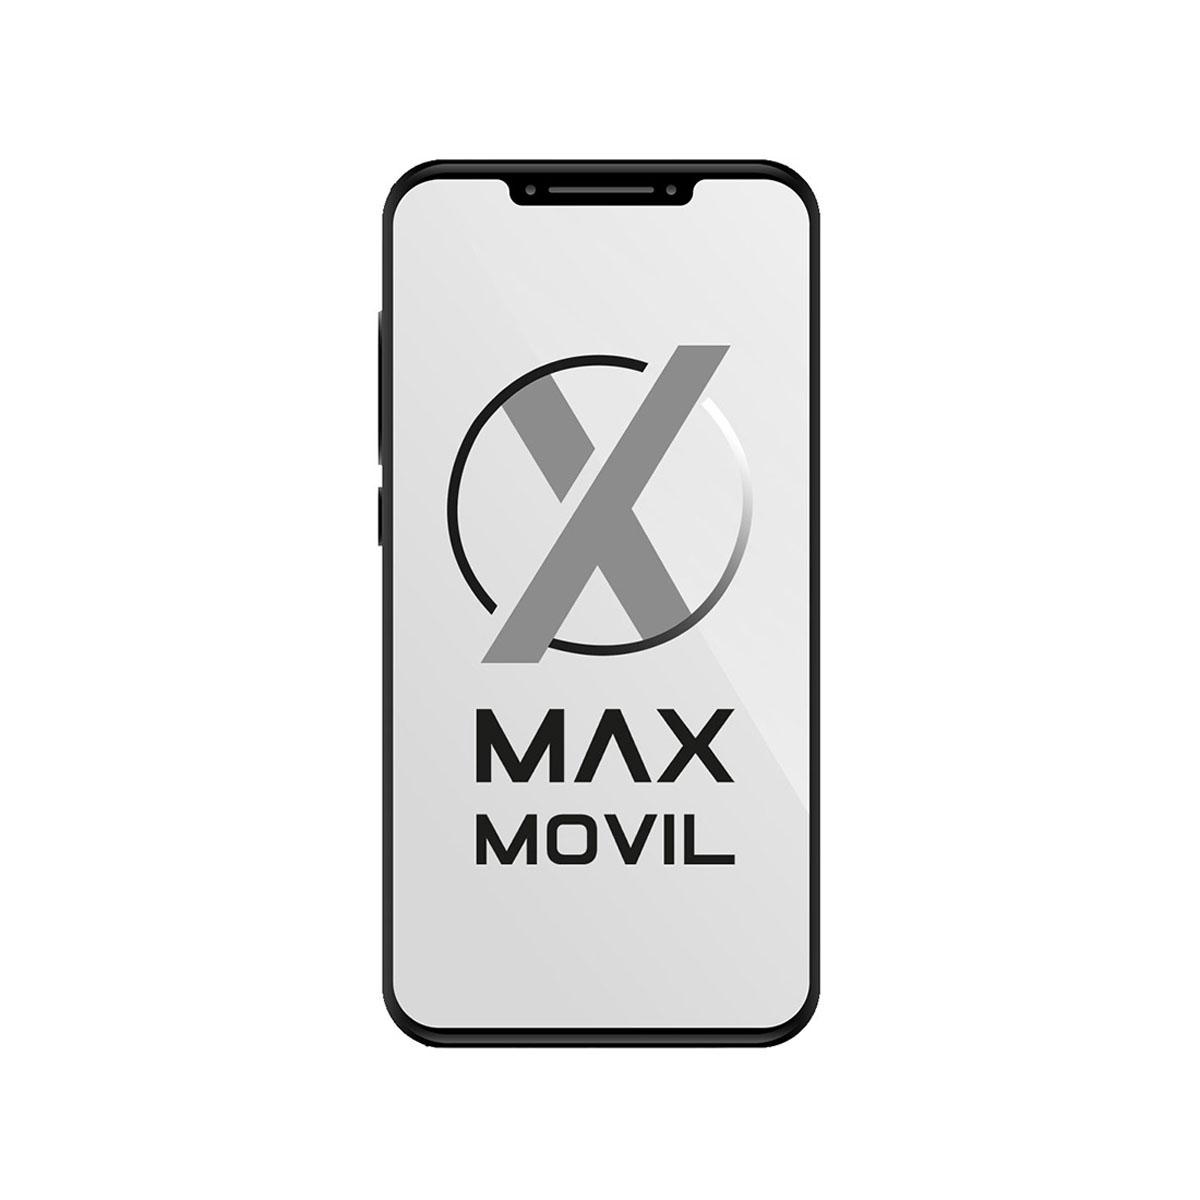 comprar iphone x o xr